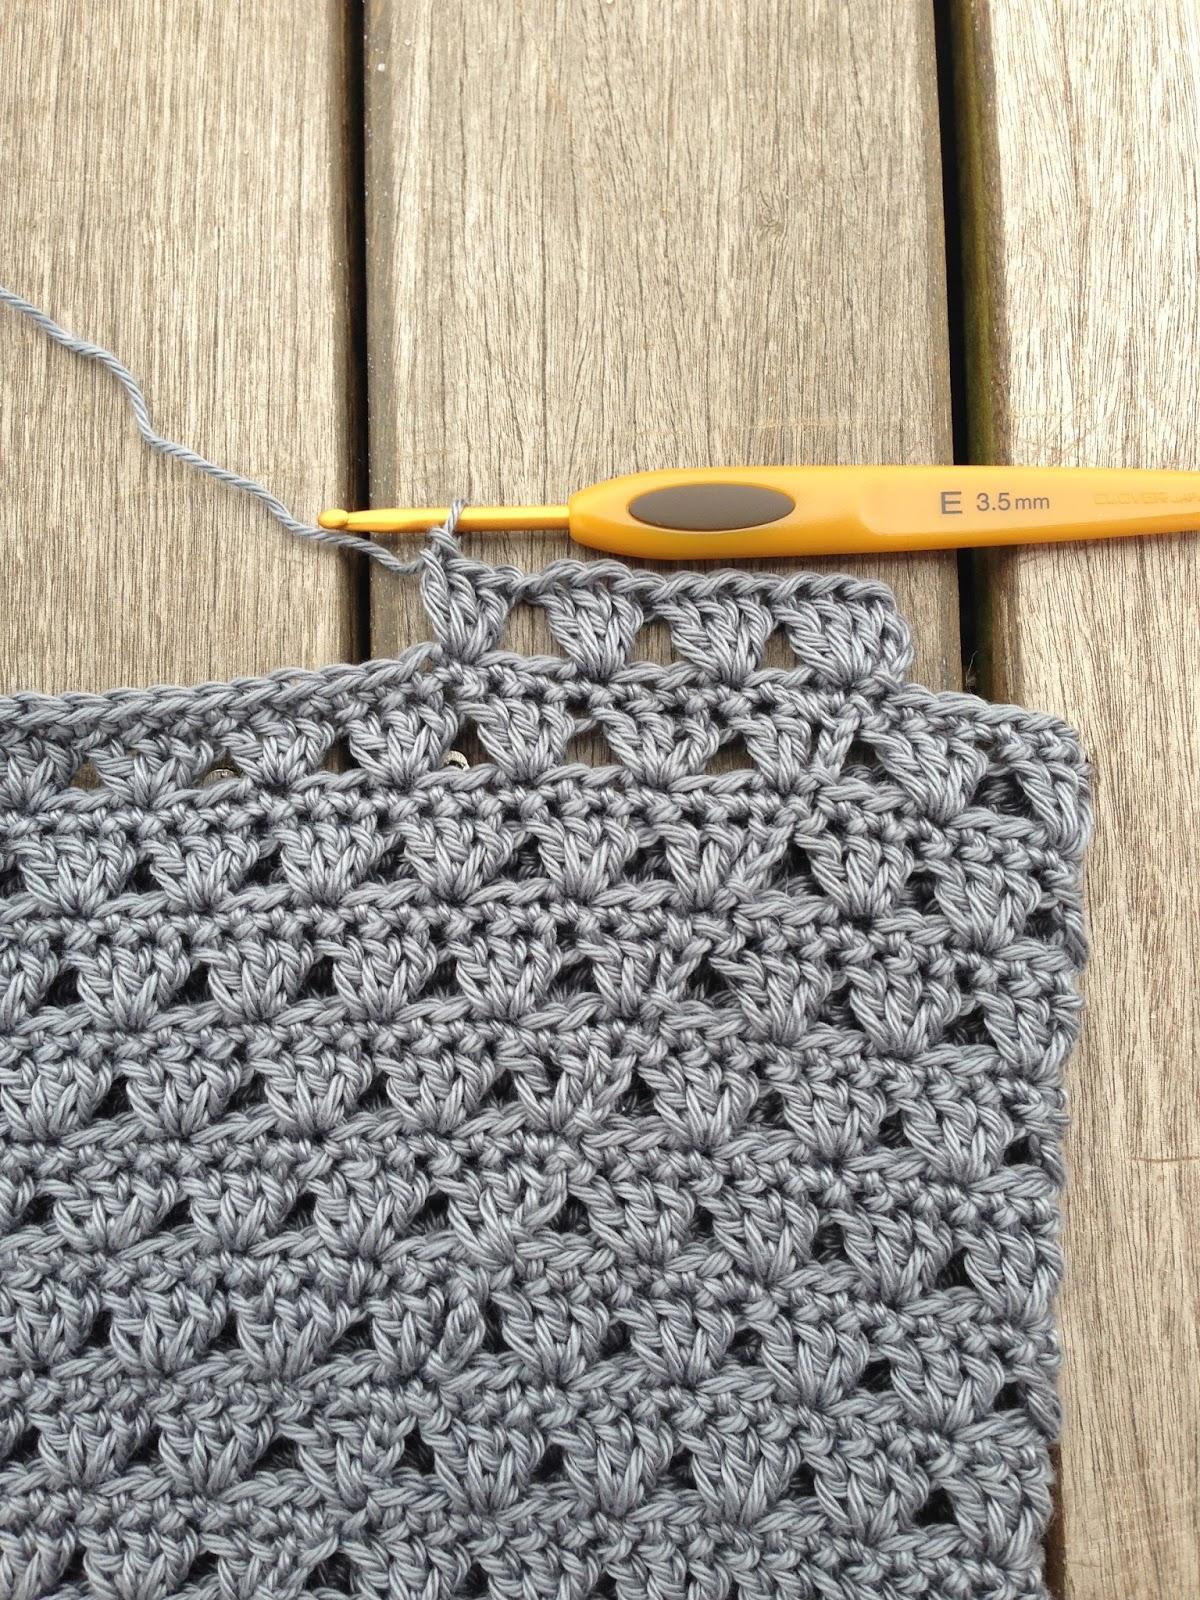 Crochet stuff - Magazine cover